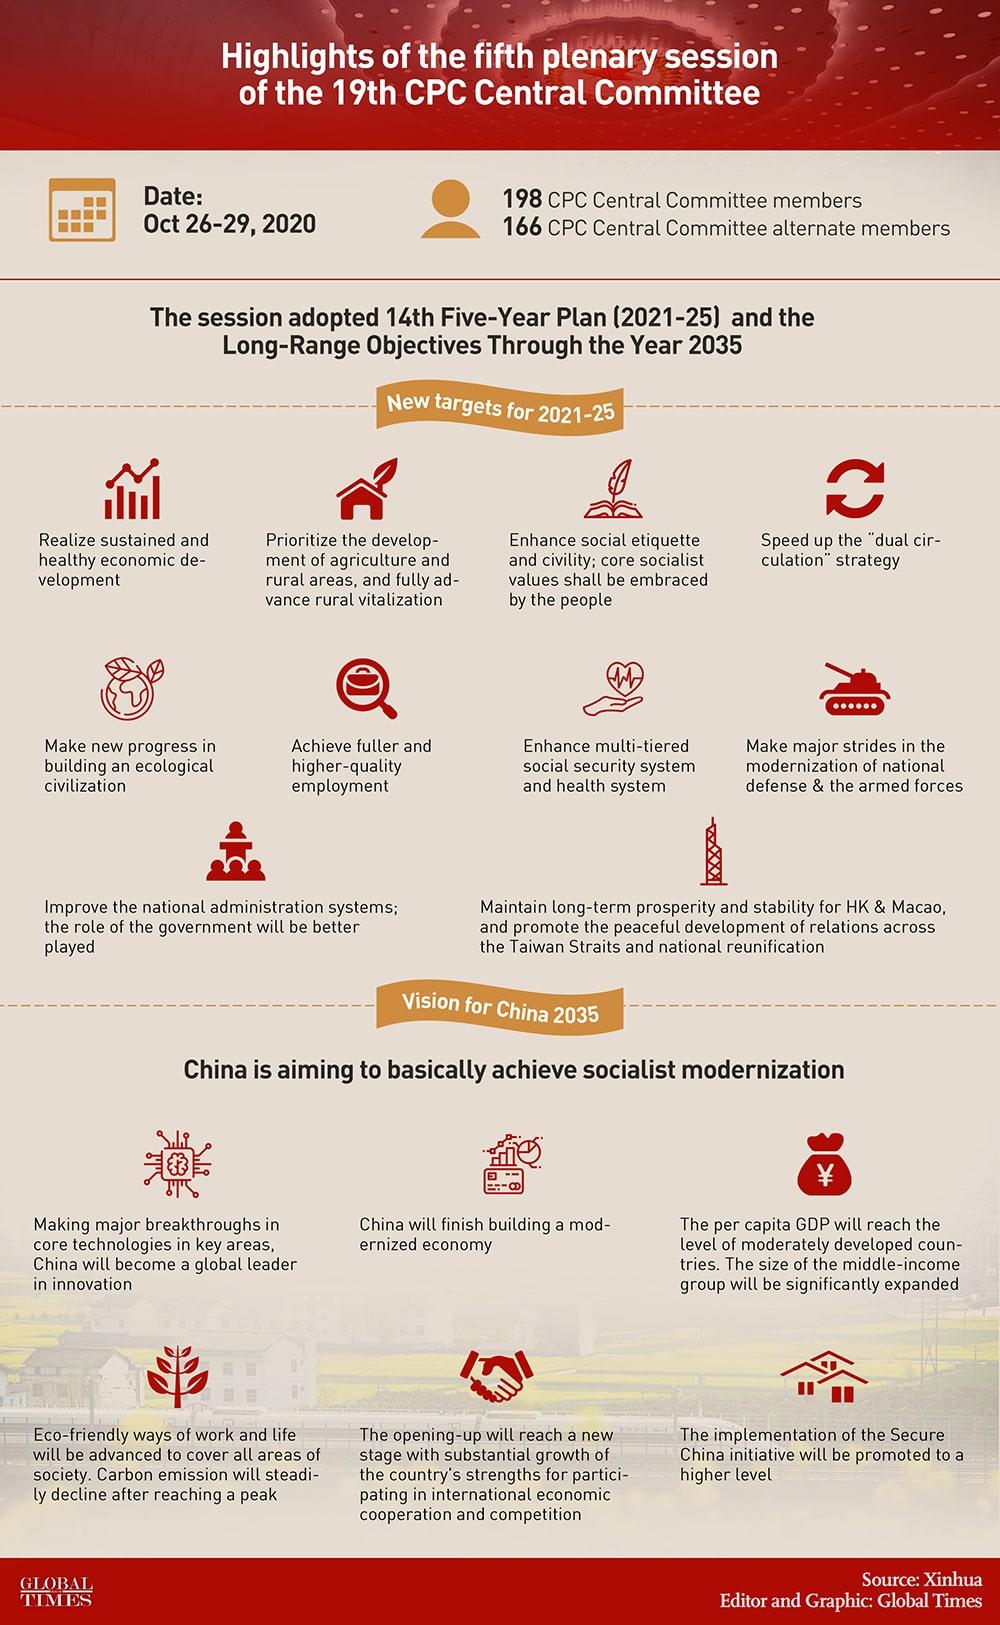 China's Modern Socialism Goals